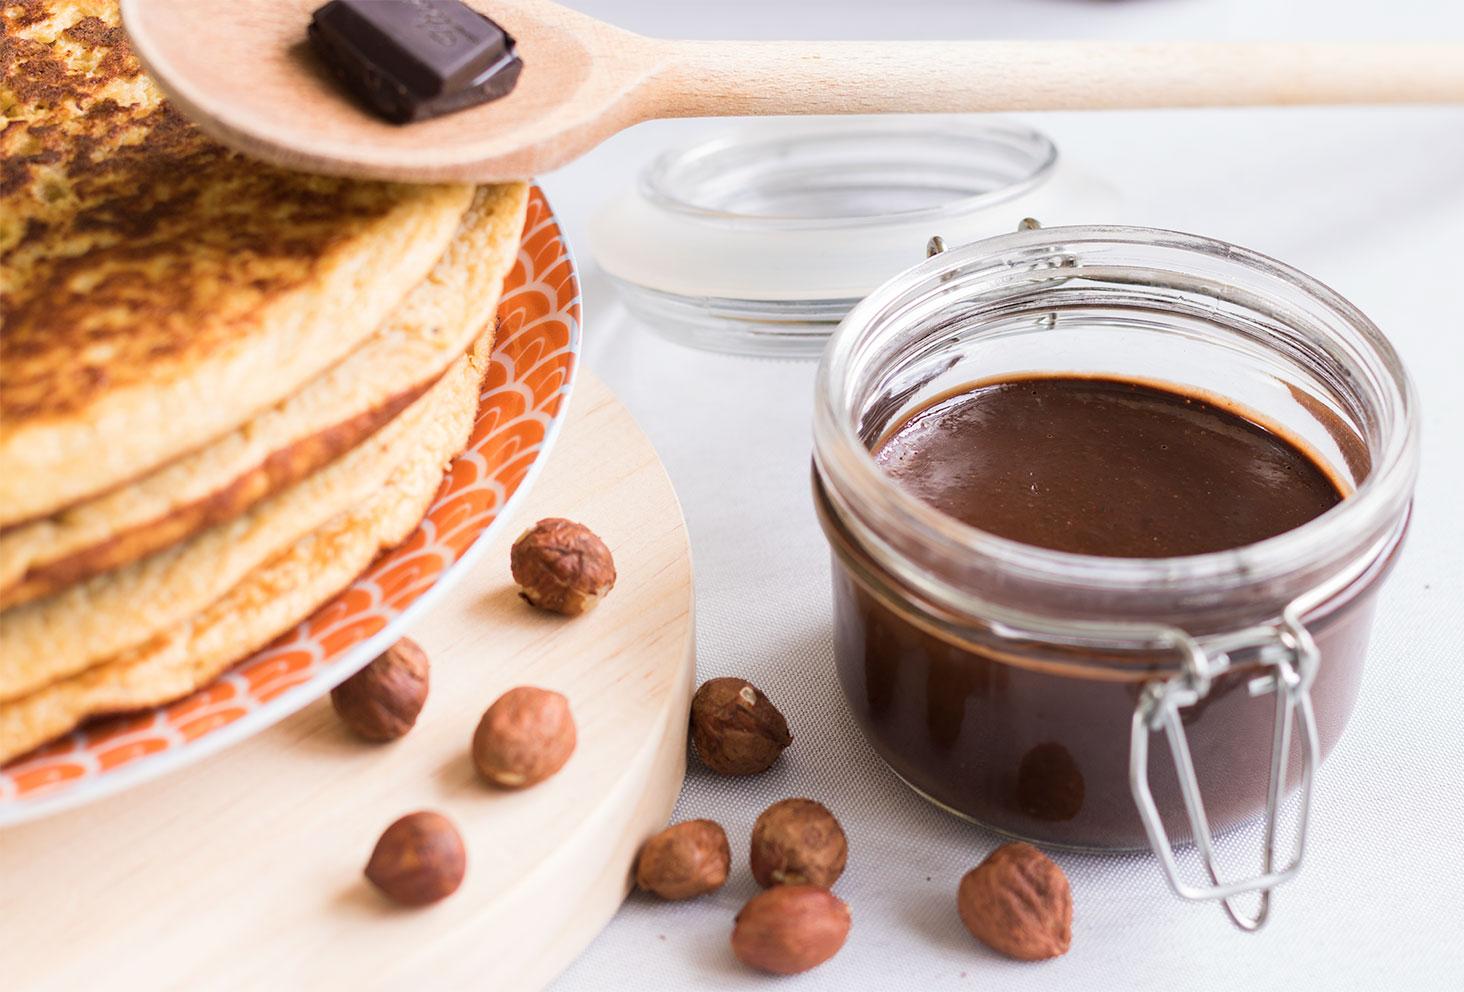 De la pâte à tartiner maison chocolat et noisettes dans un pot en verre entourée de noisettes entières et d'une cuillère en bois